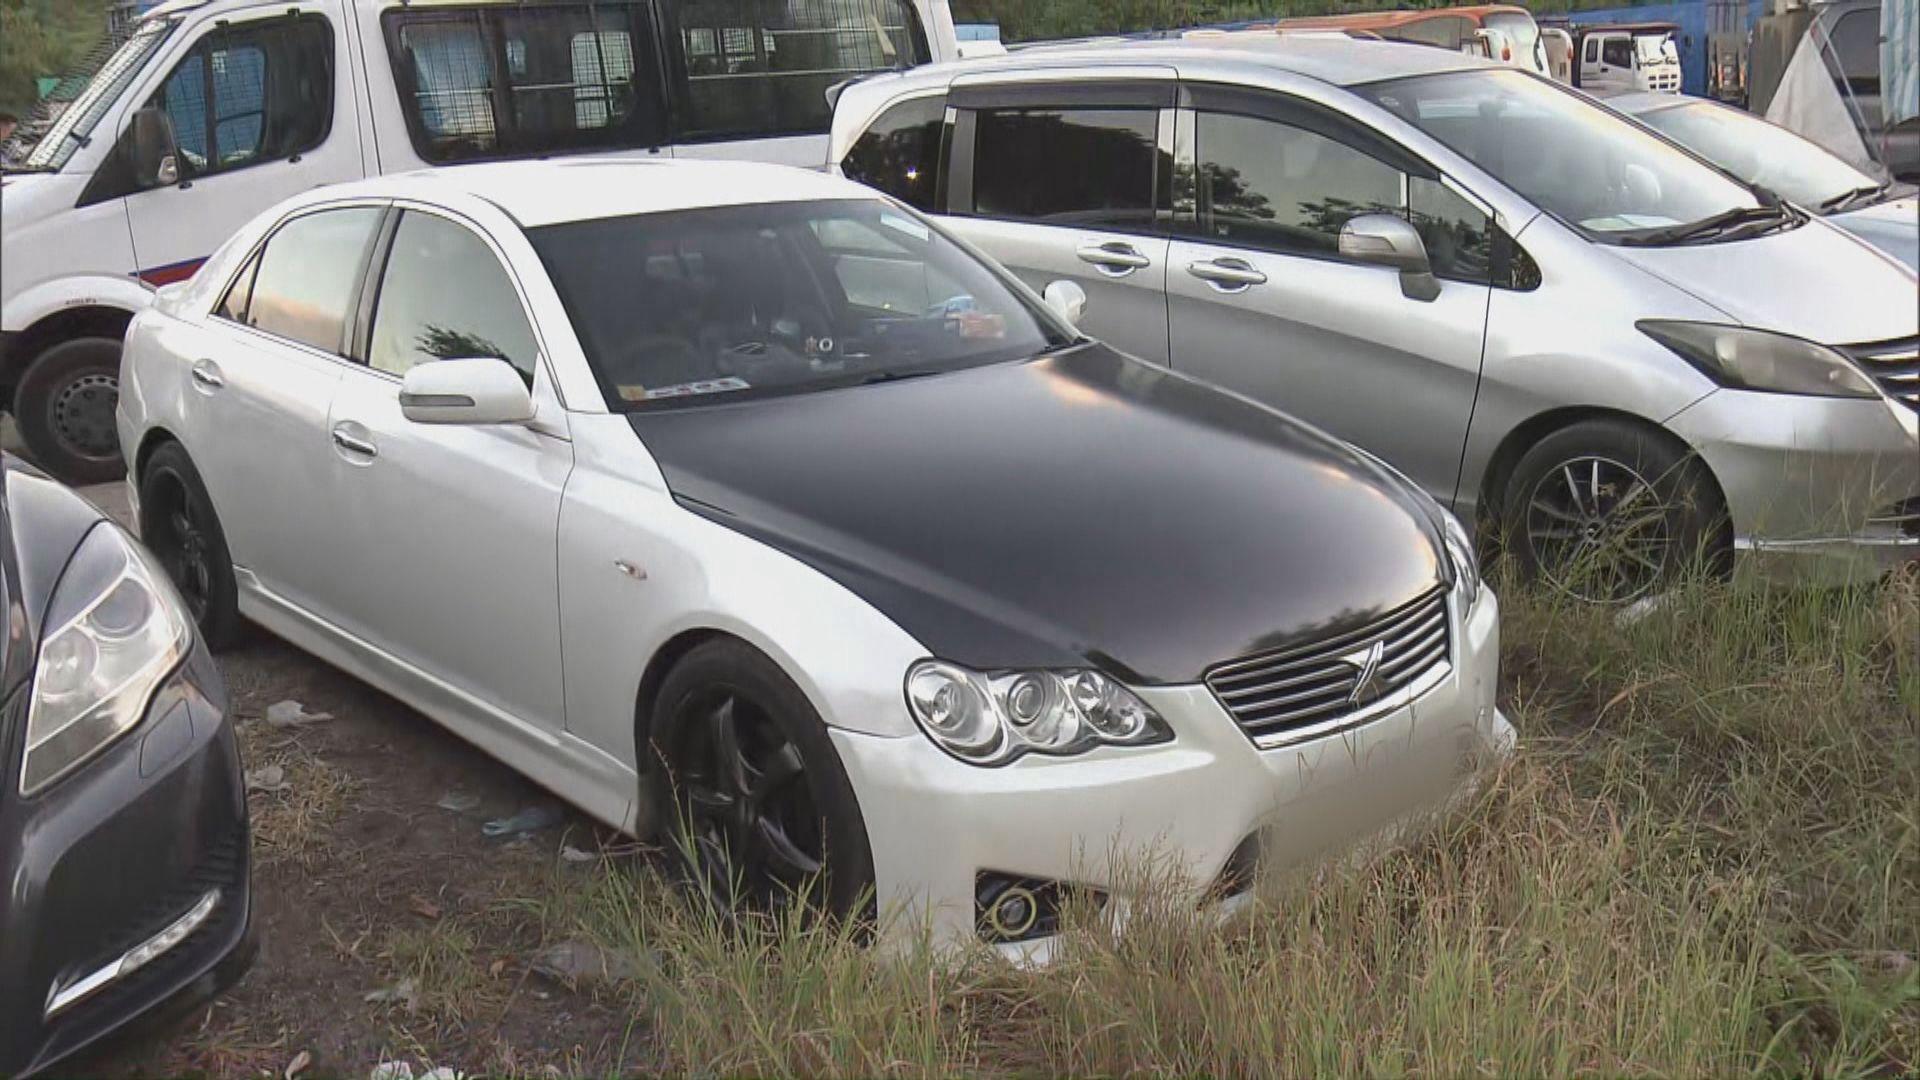 屯門男子遇襲逃跑遭輾斃 警方發現一輛懷疑肇事私家車